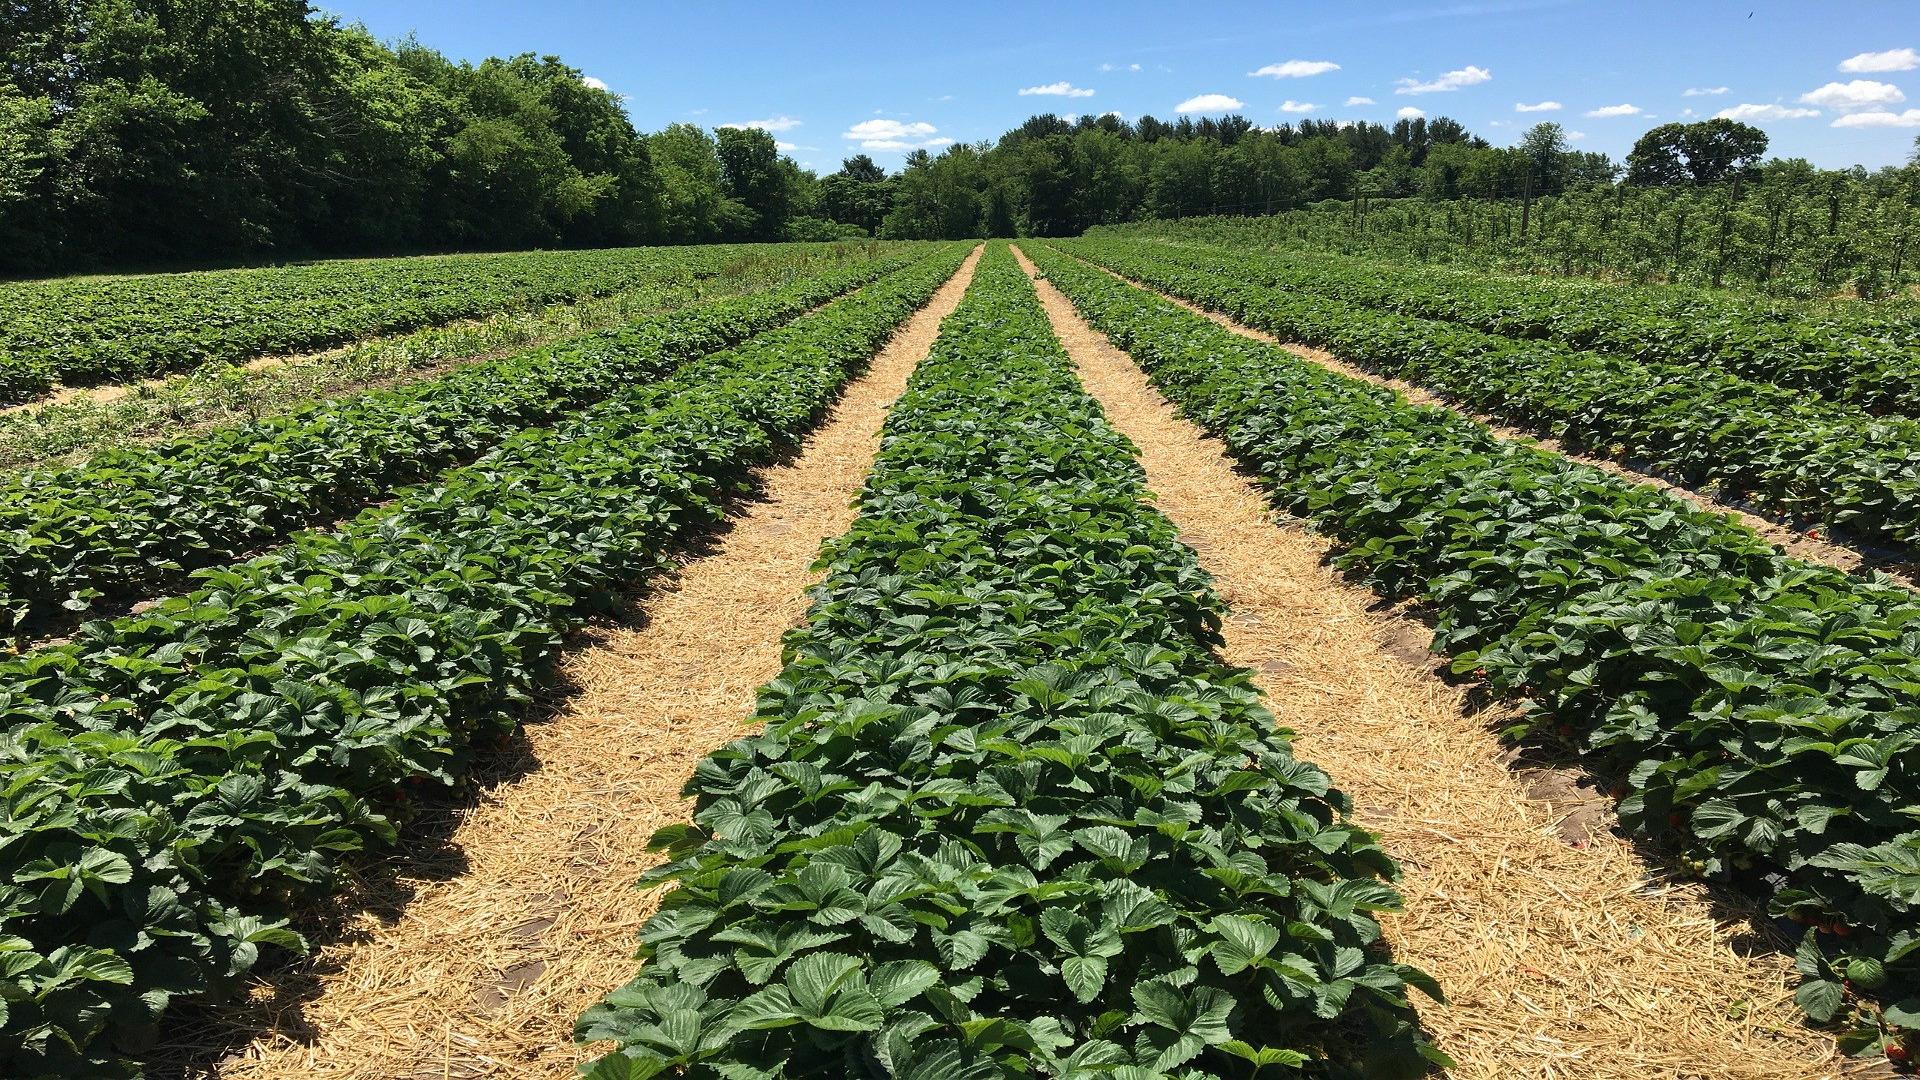 La ganaderia, la agricultura y el sector forestal son actividades esenciales1920